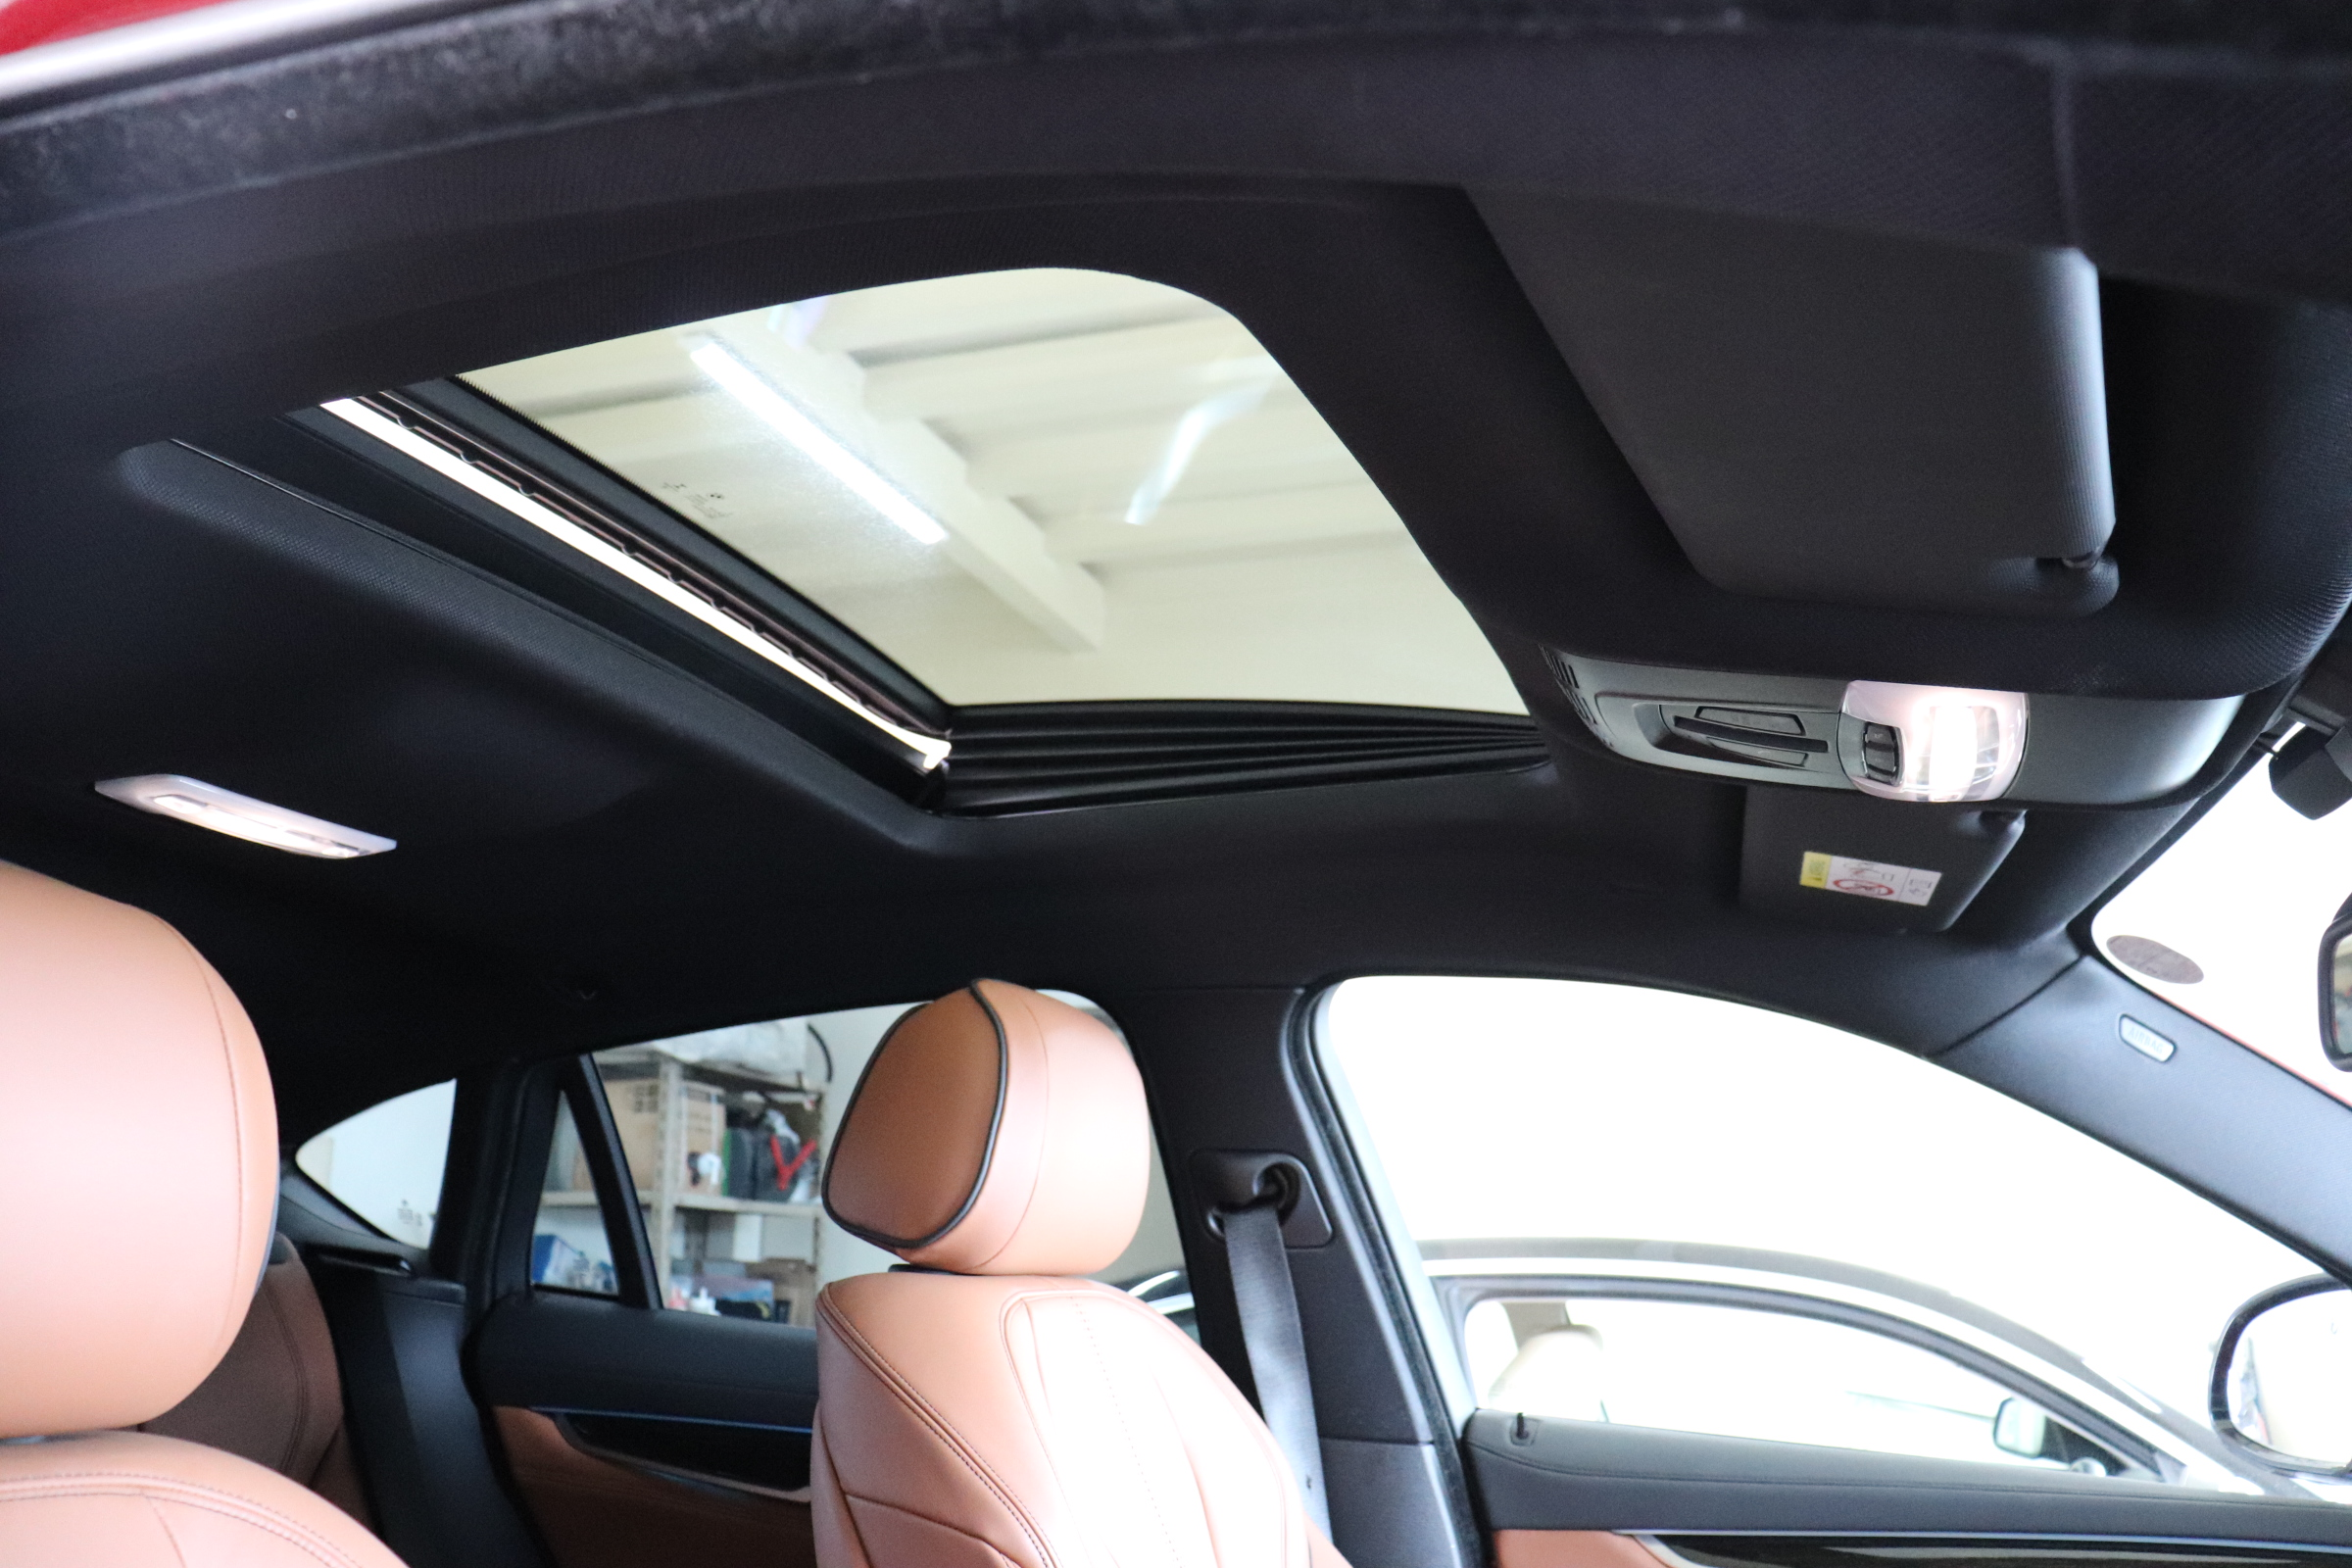 X6 xDrive 35i Mスポーツ セレクトパッケージ ブラウンレザー ACC LEDライト ワンオーナー車両画像15